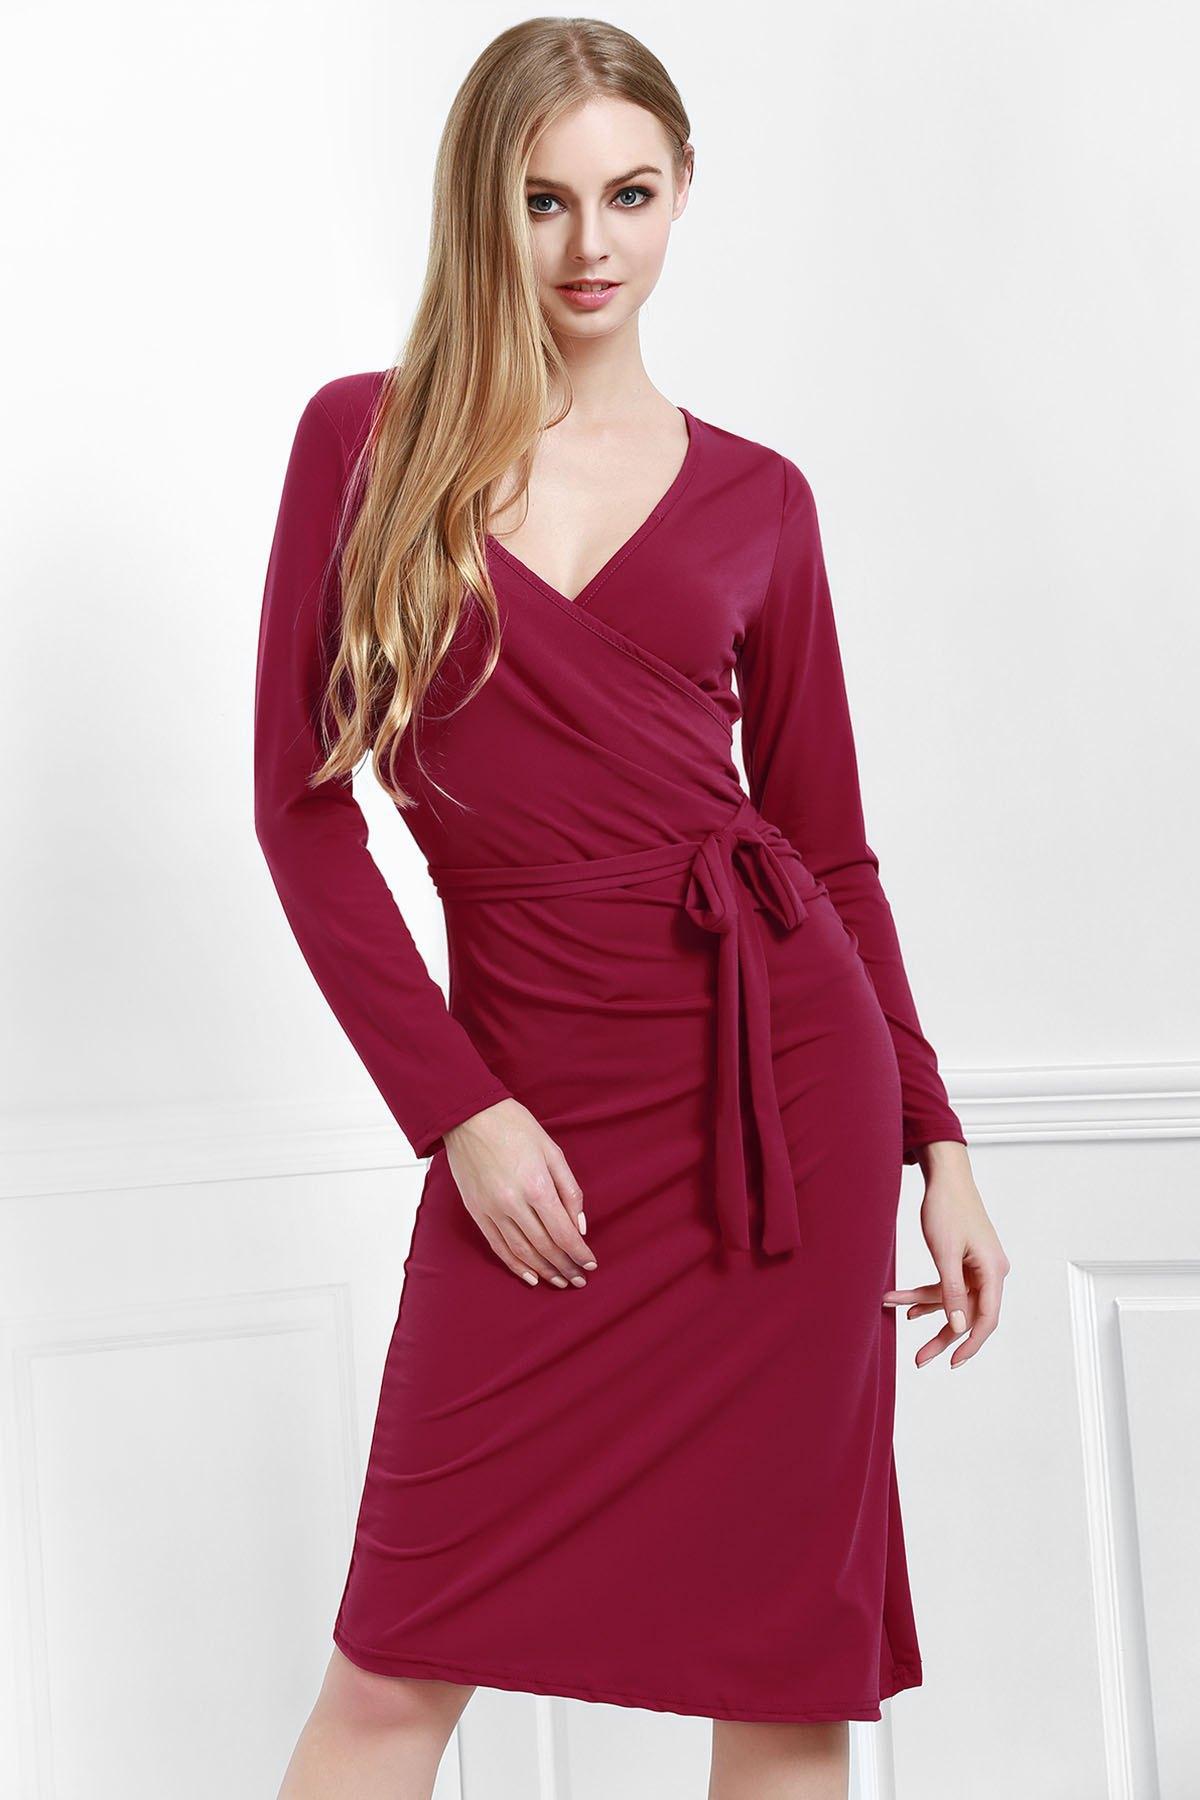 V Neck Long Sleeves Solid Color Dress